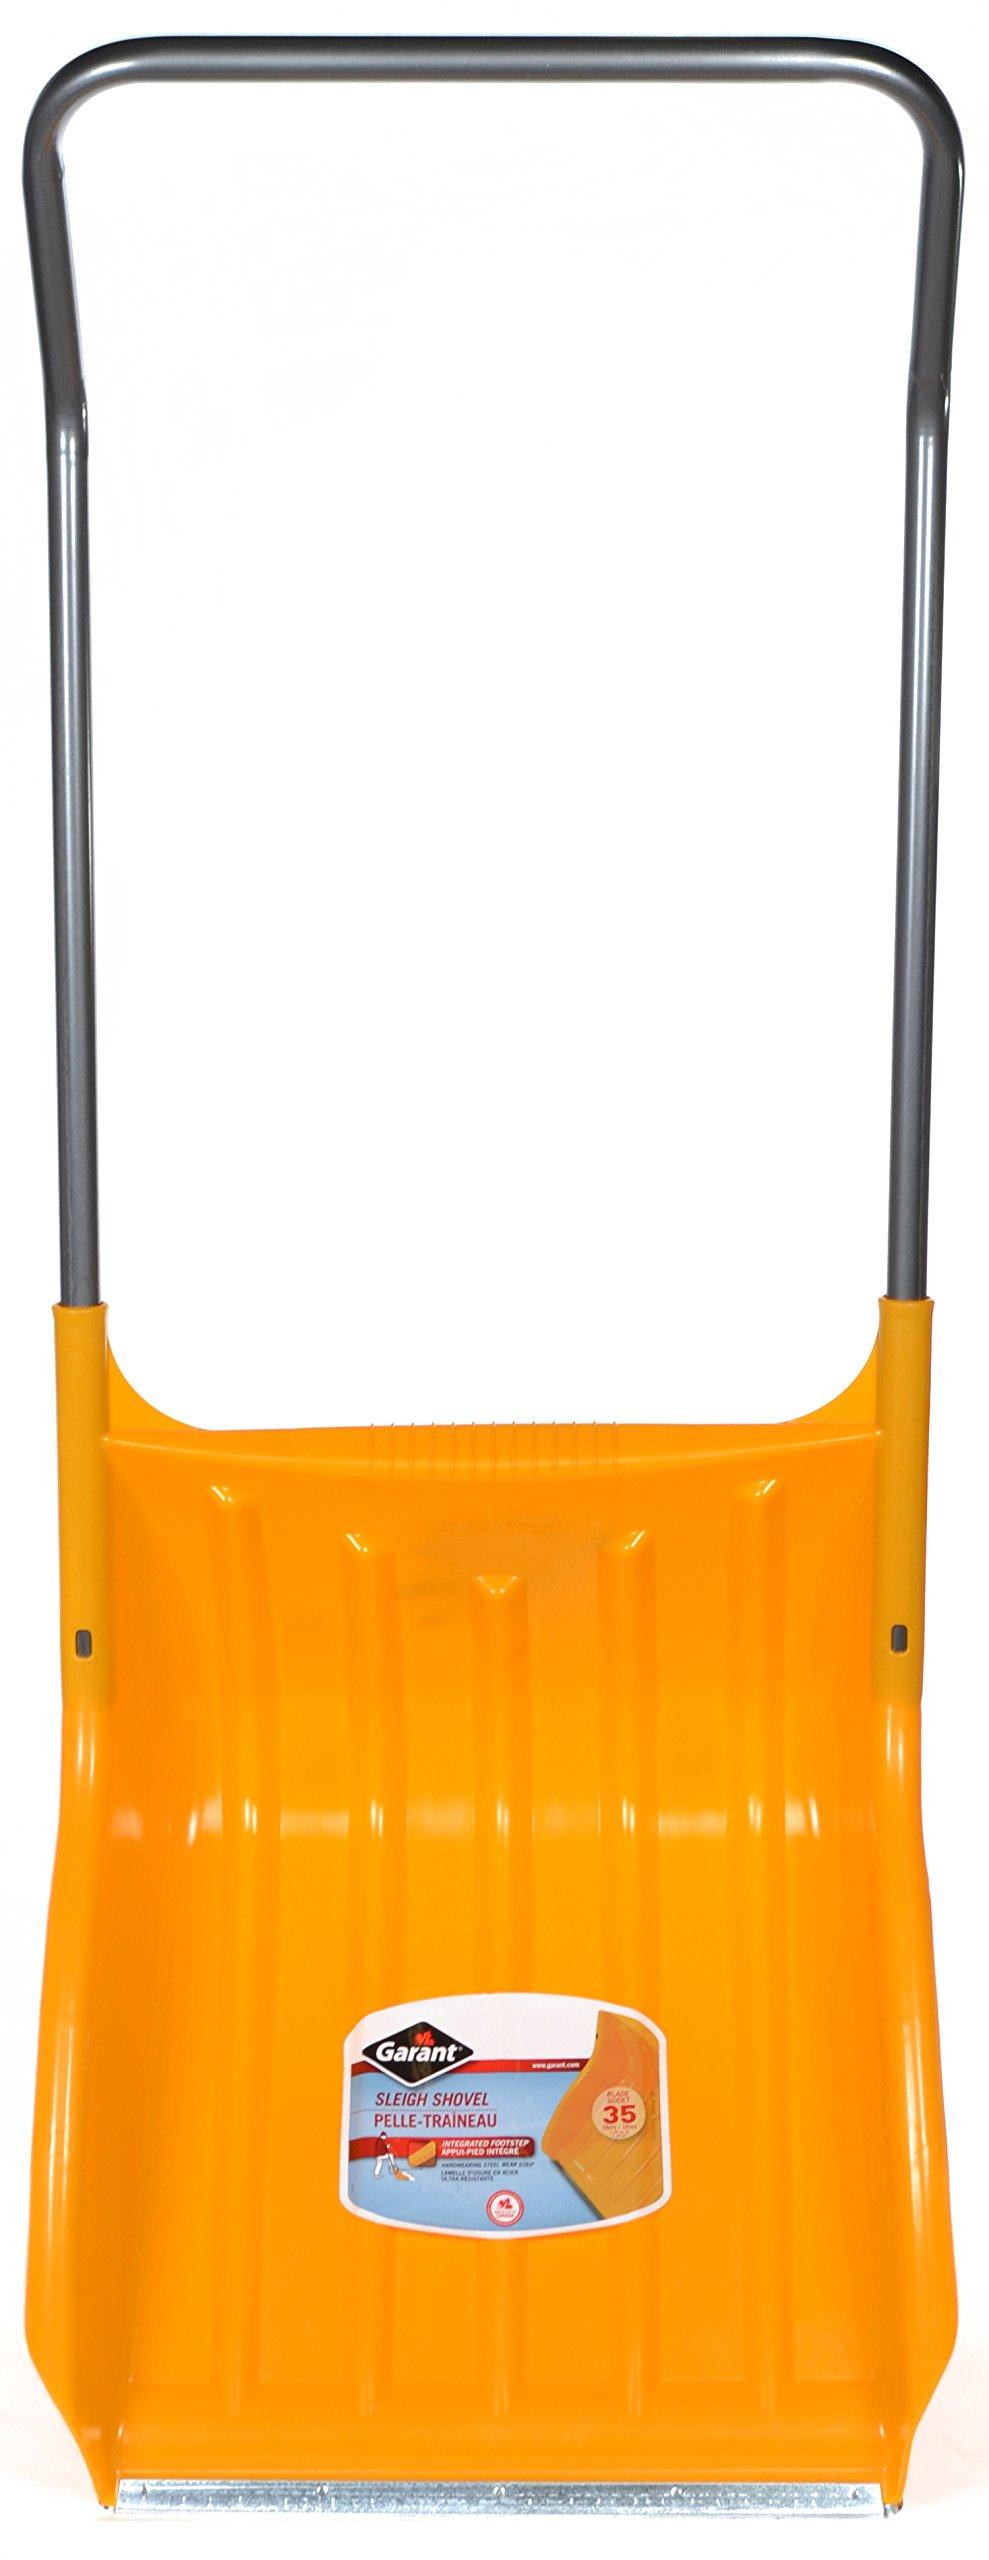 GARANT 62''Alpine Sleigh Shovel